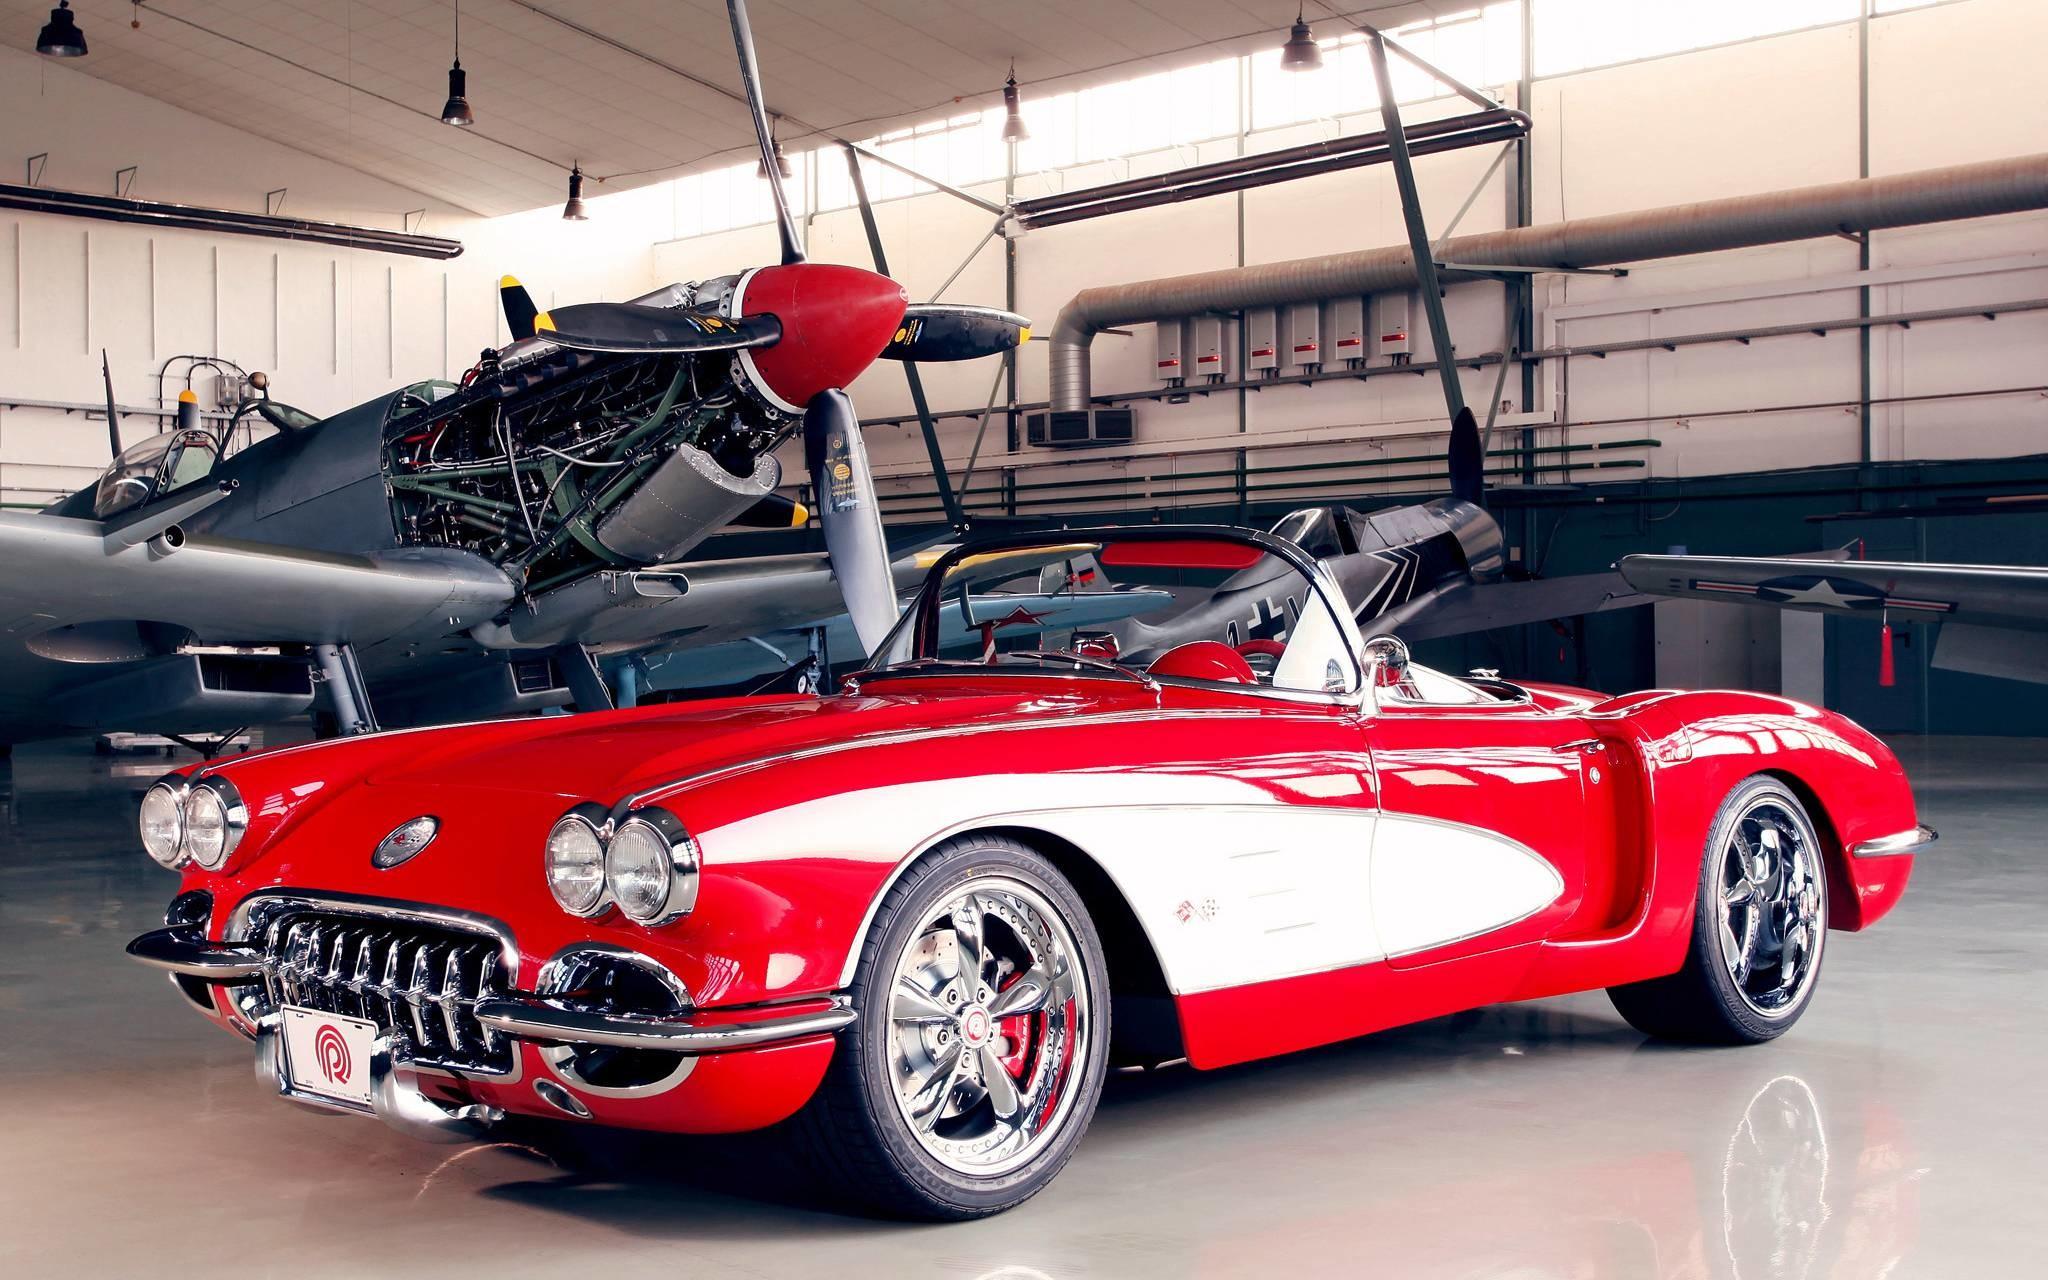 Res: 2048x1280, Classic Car Wallpaper